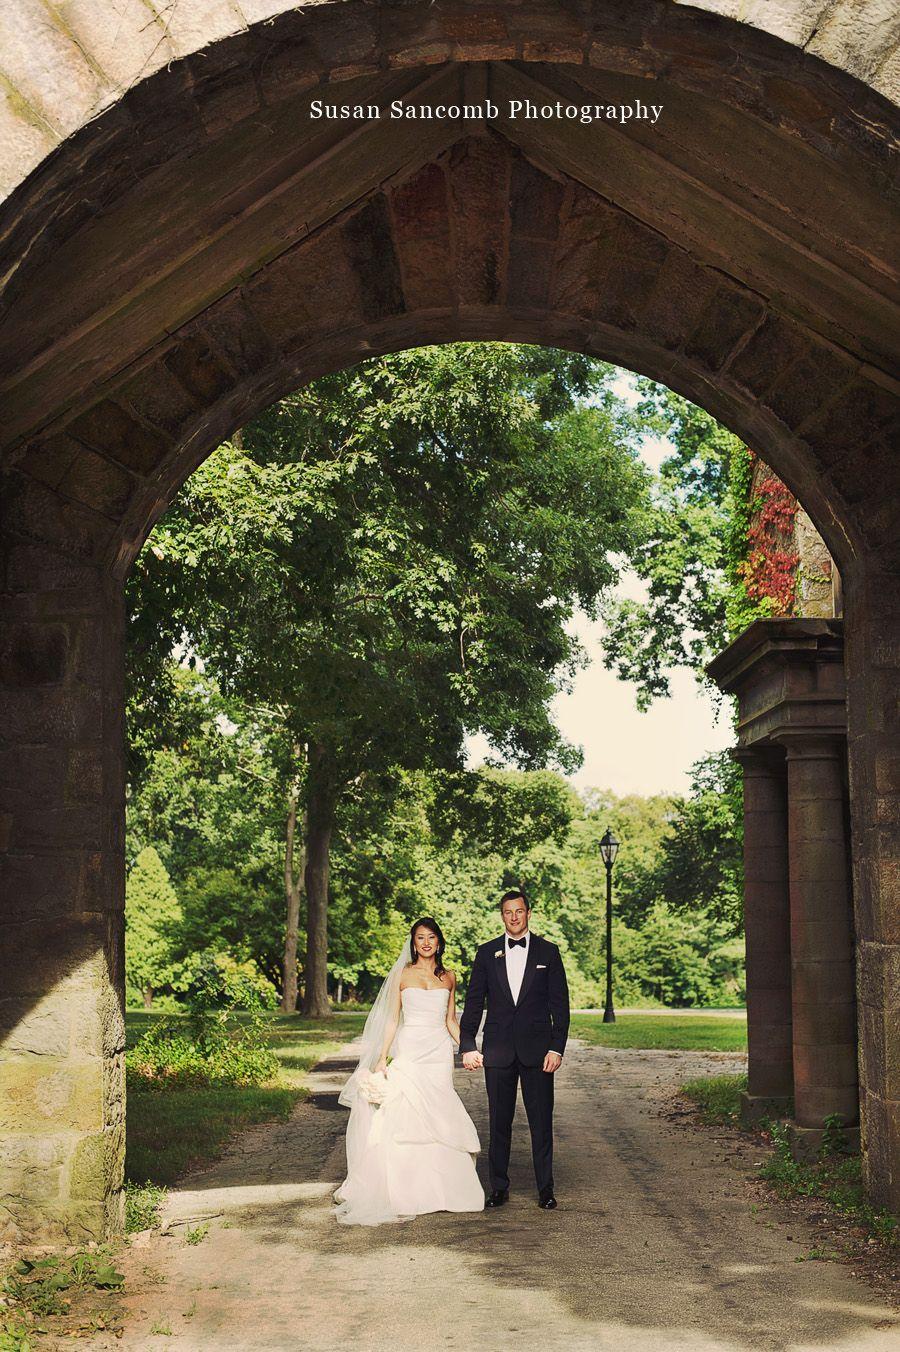 ALdrich Mansion wedding photographer, RI